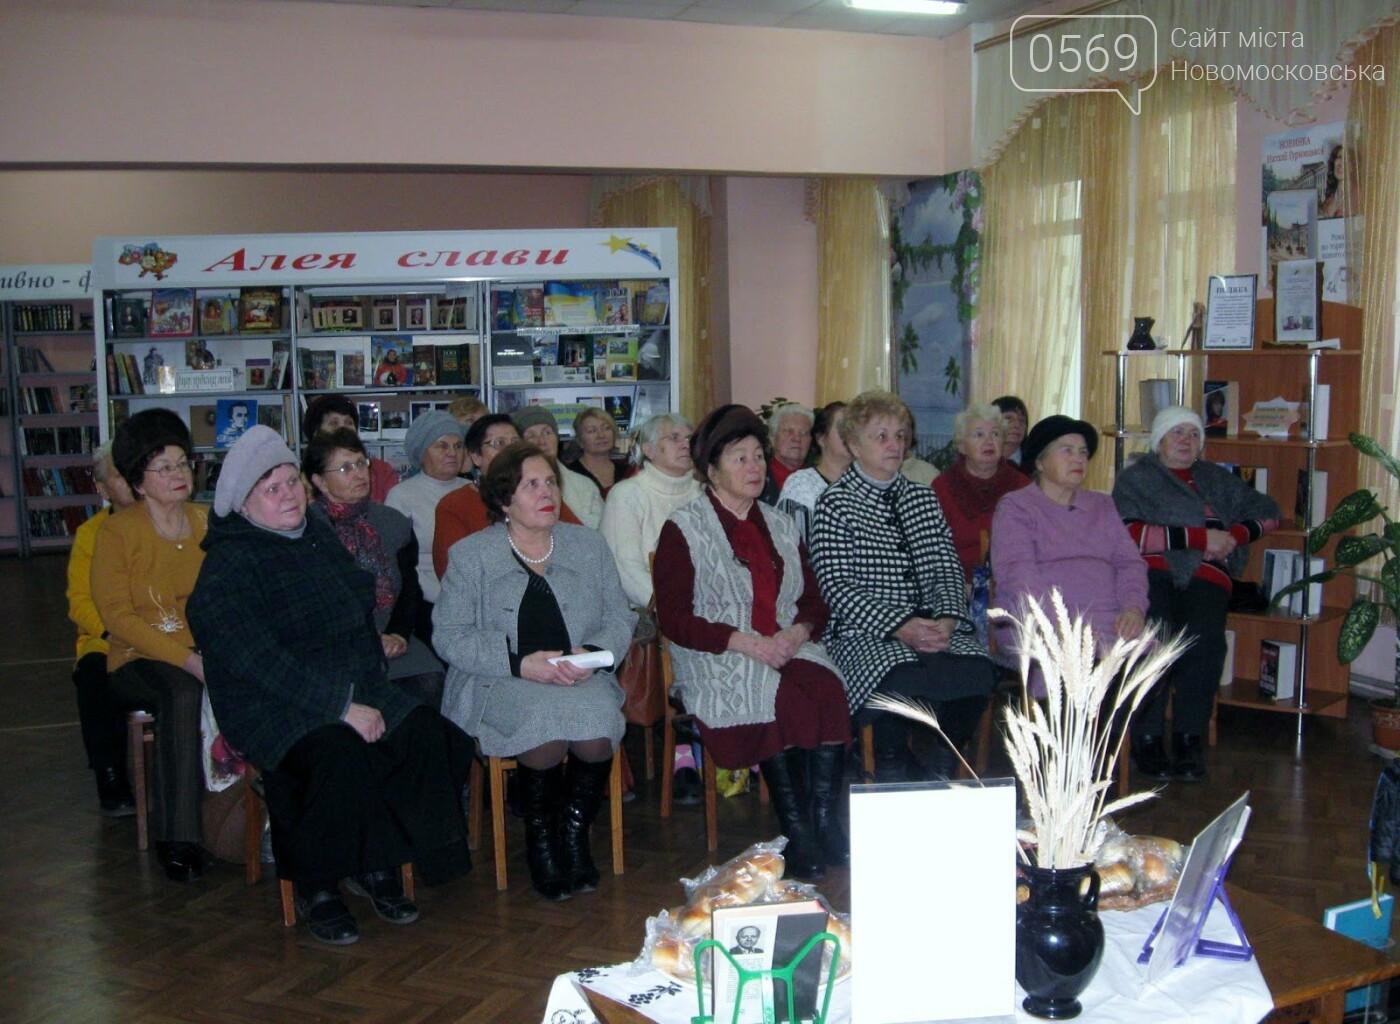 В Новомосковську відбувся вечір-реквієм пам'яті жертв Голодомору, фото-1